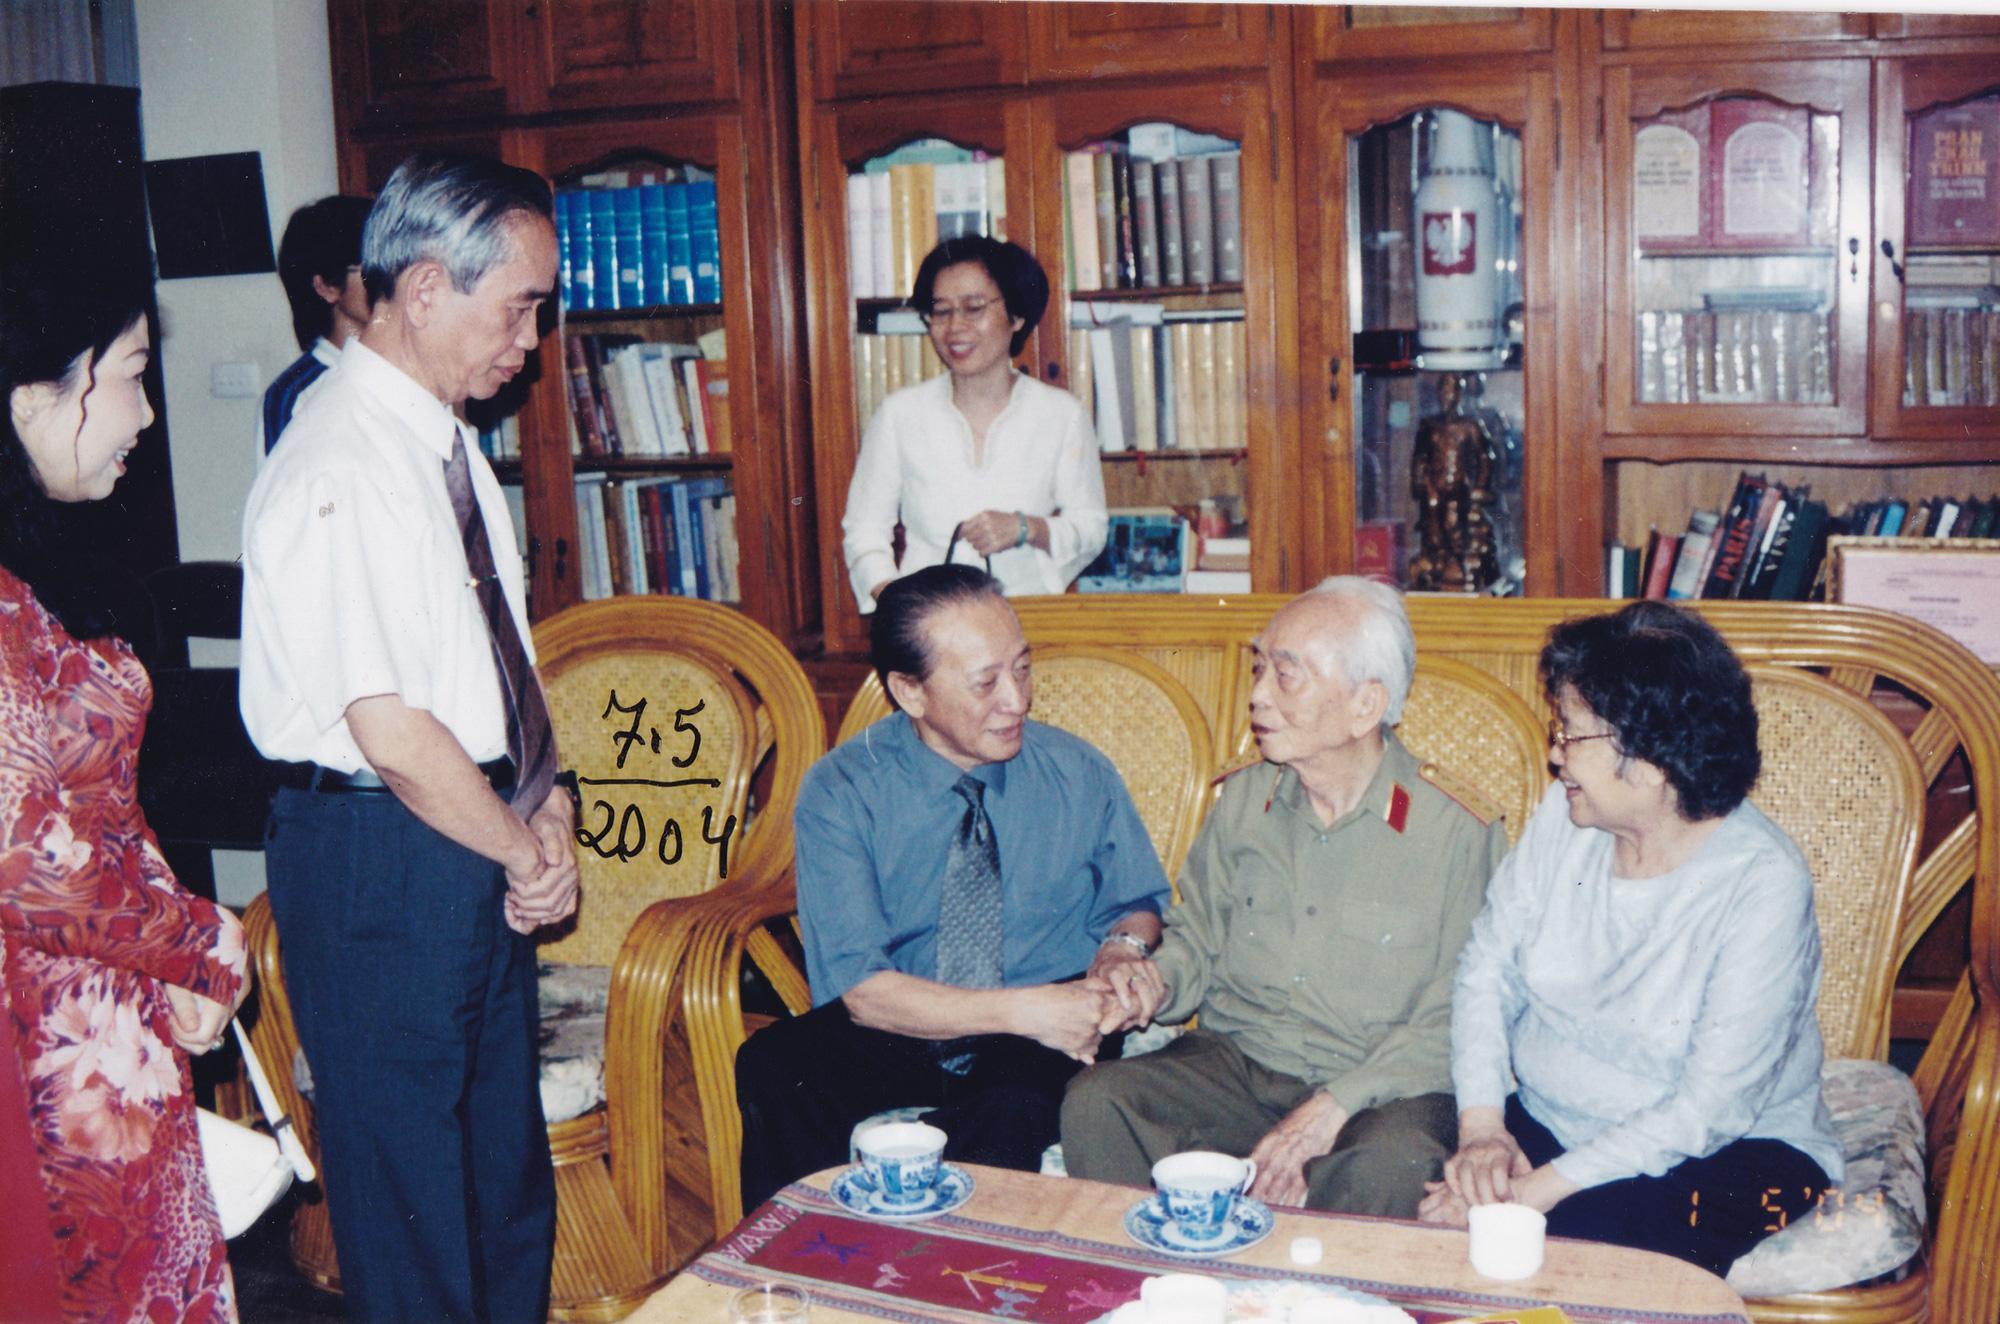 """""""Còn tình yêu ở lại"""": Góc nhìn xúc động về bác sĩ, nhân viên y tế nhân Ngày Thầy thuốc Việt Nam - Ảnh 4."""